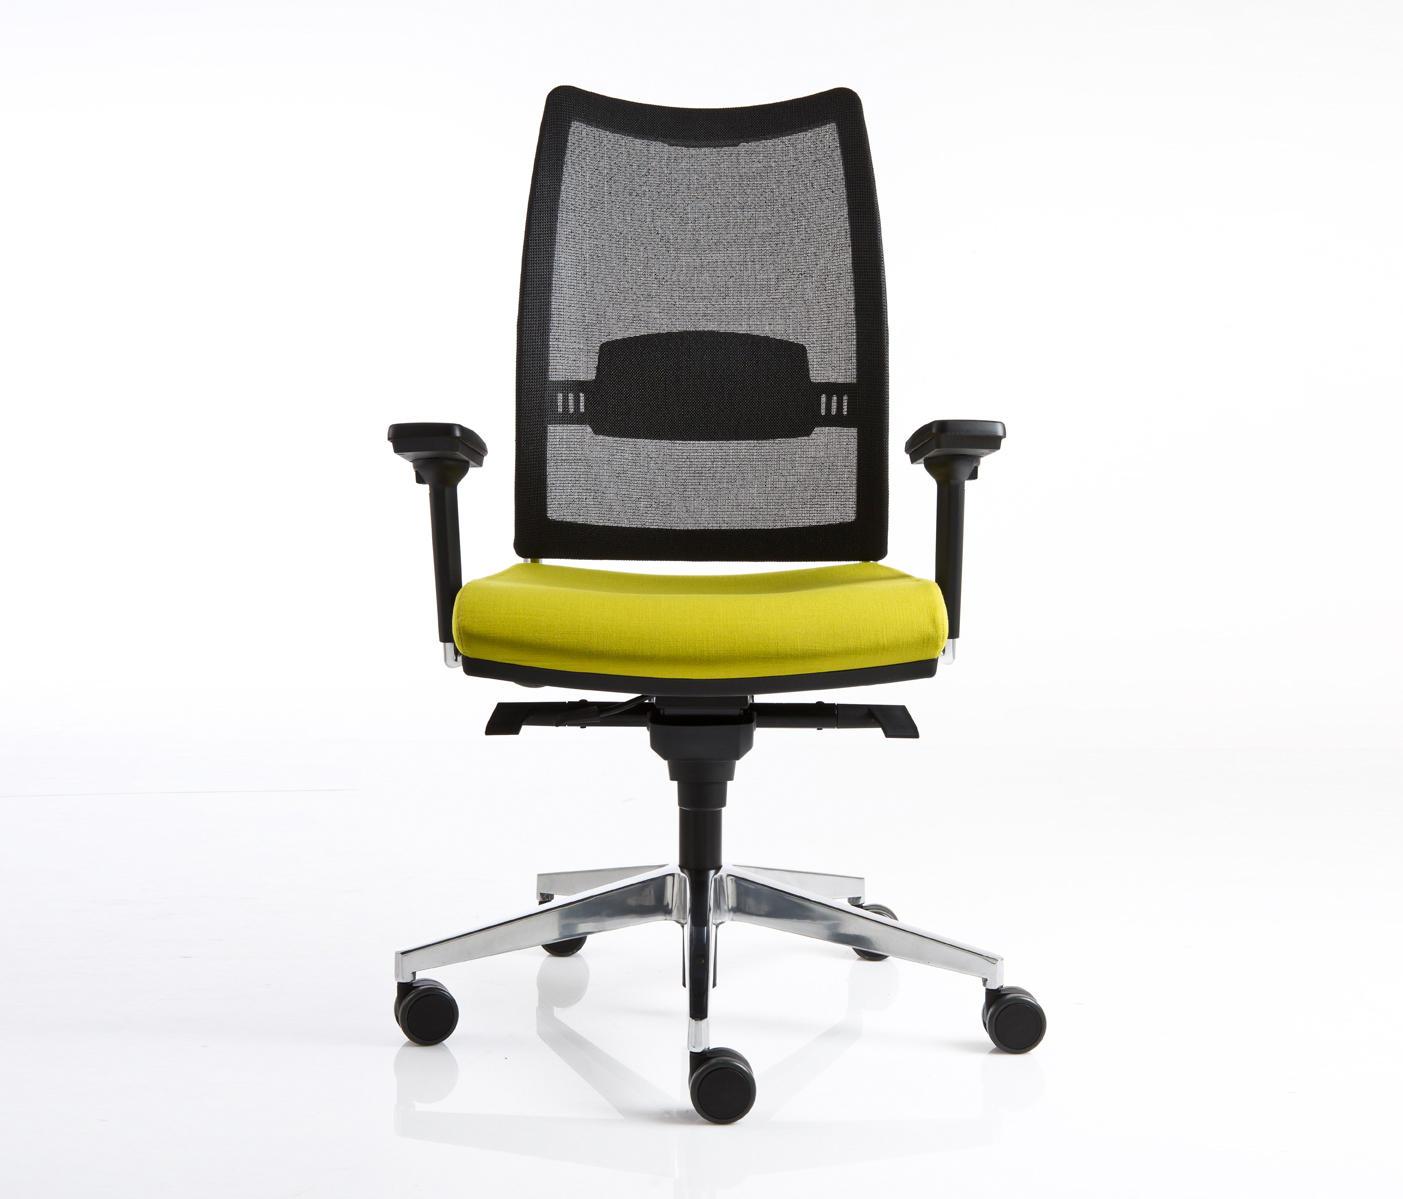 Overtime 2100r chaises de travail de luxy architonic for Chaise de travail